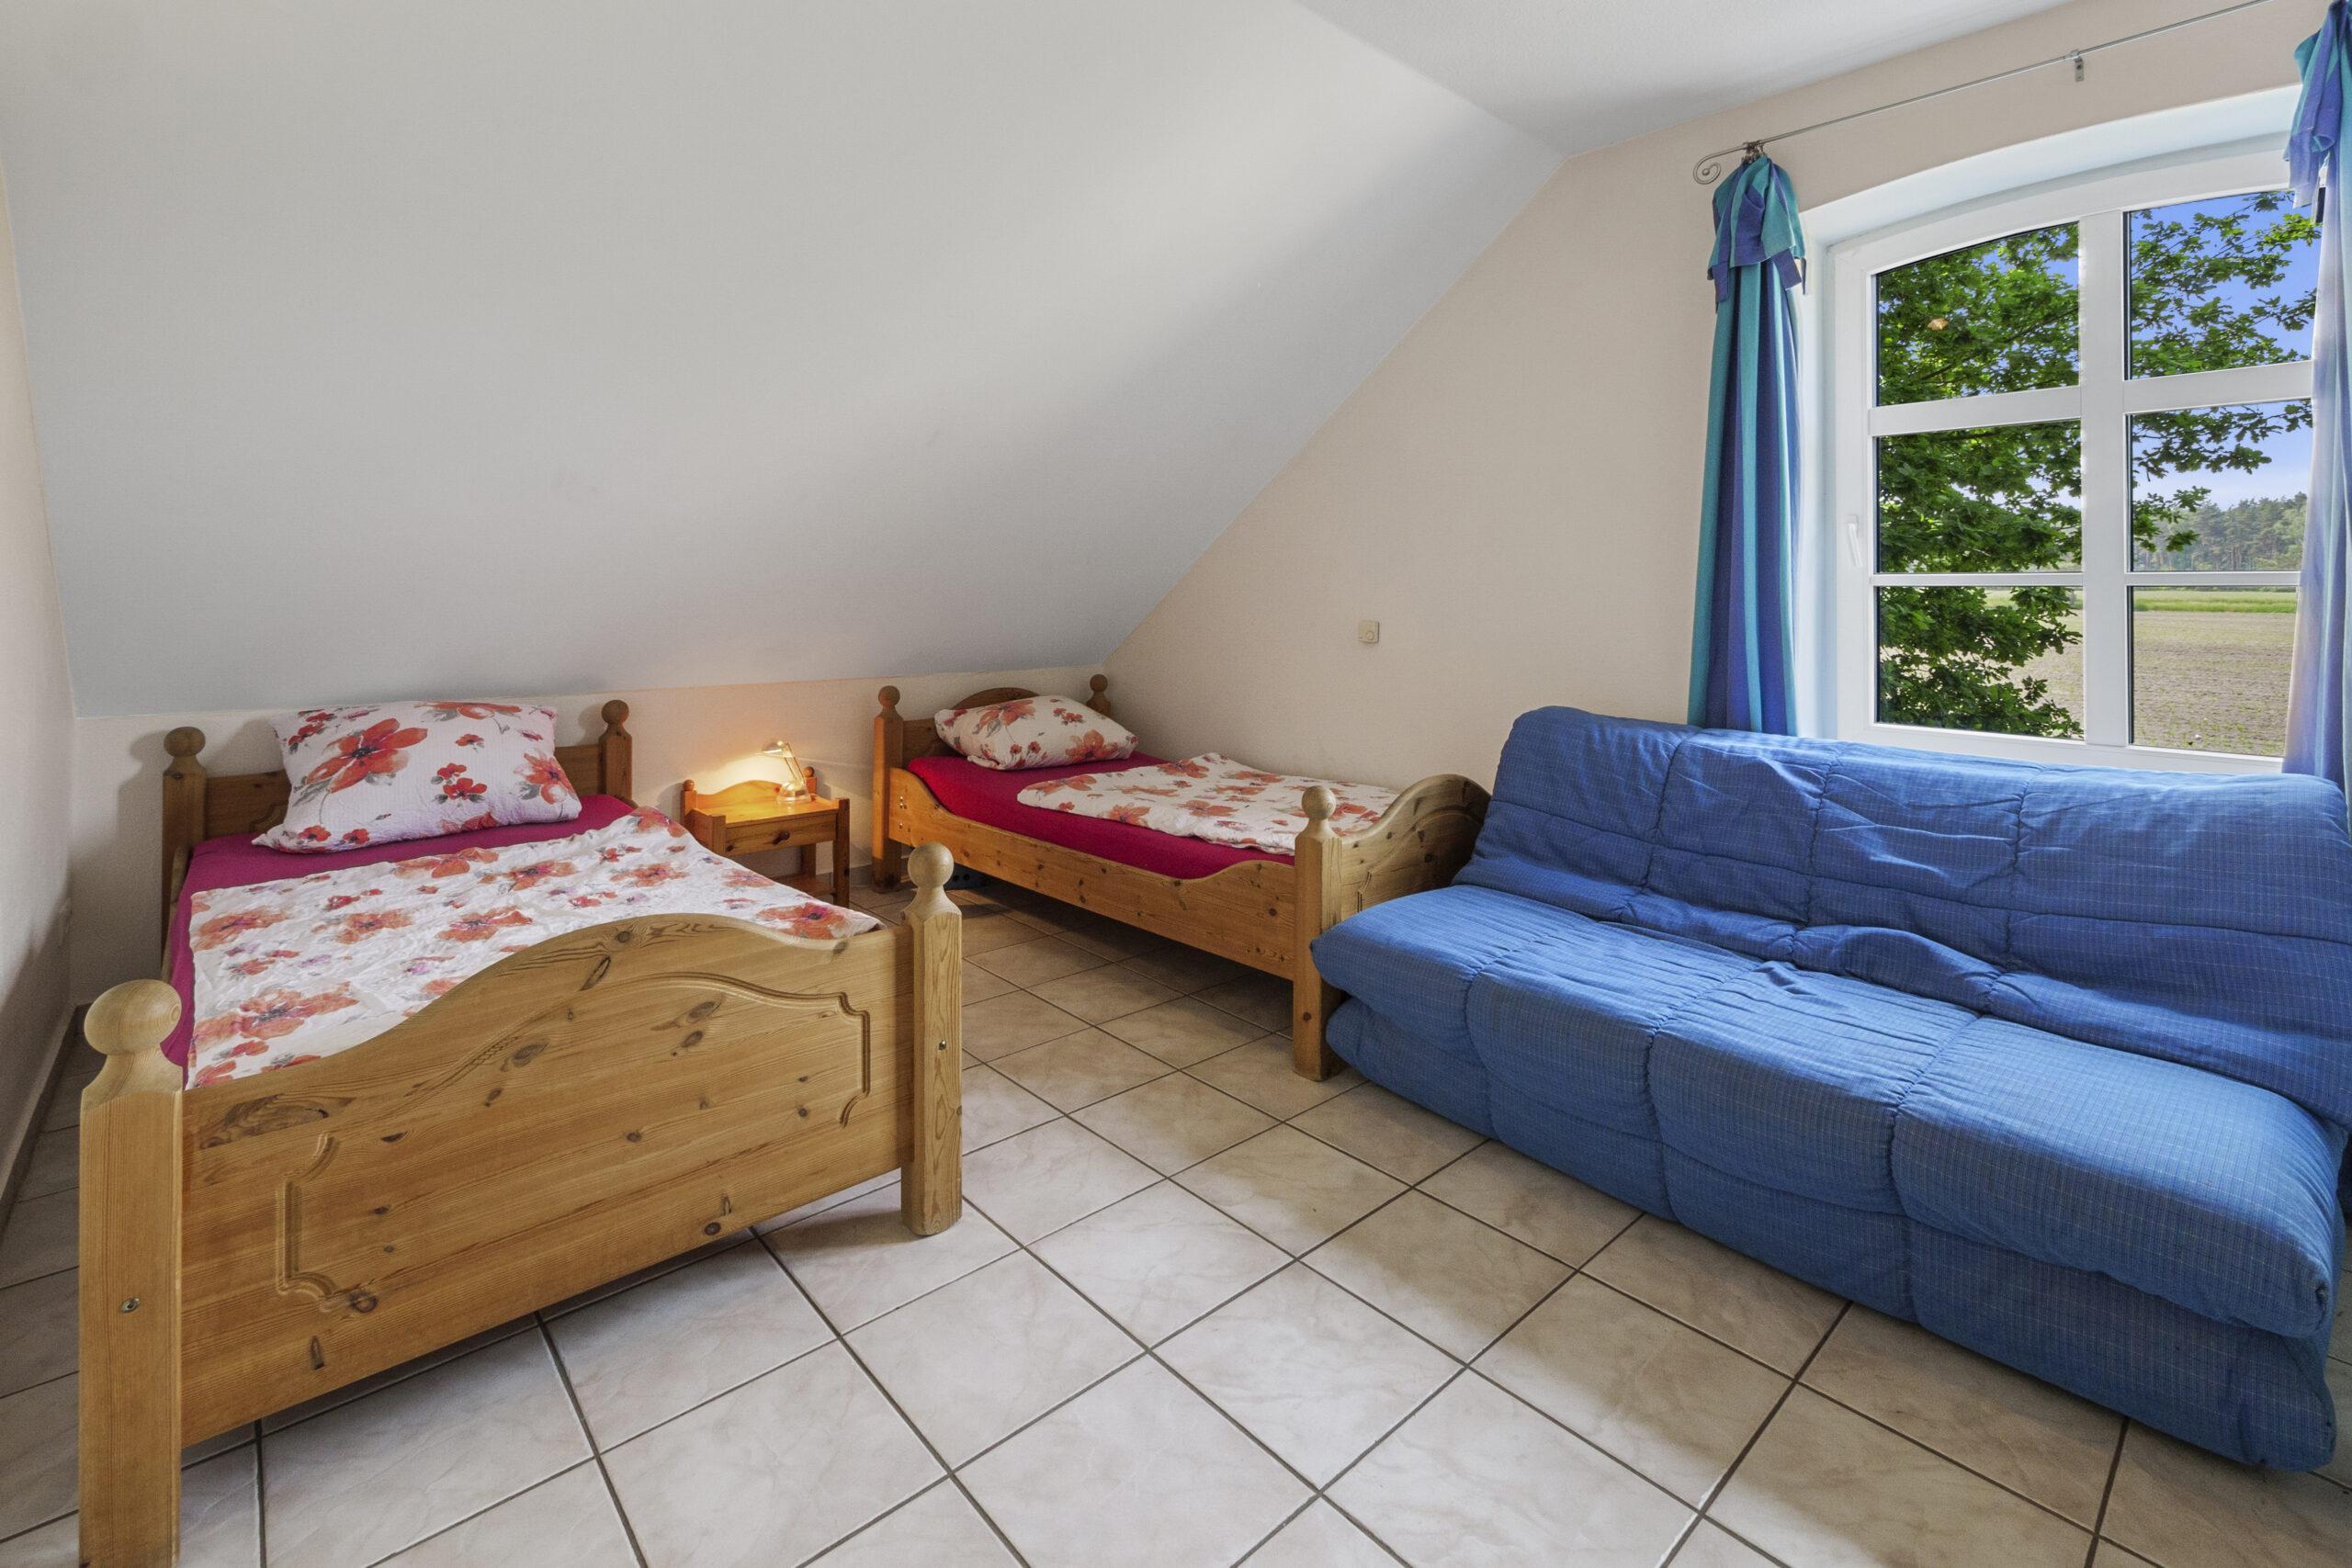 Ferienhaus 1_Schlafzimmer_2_Bett